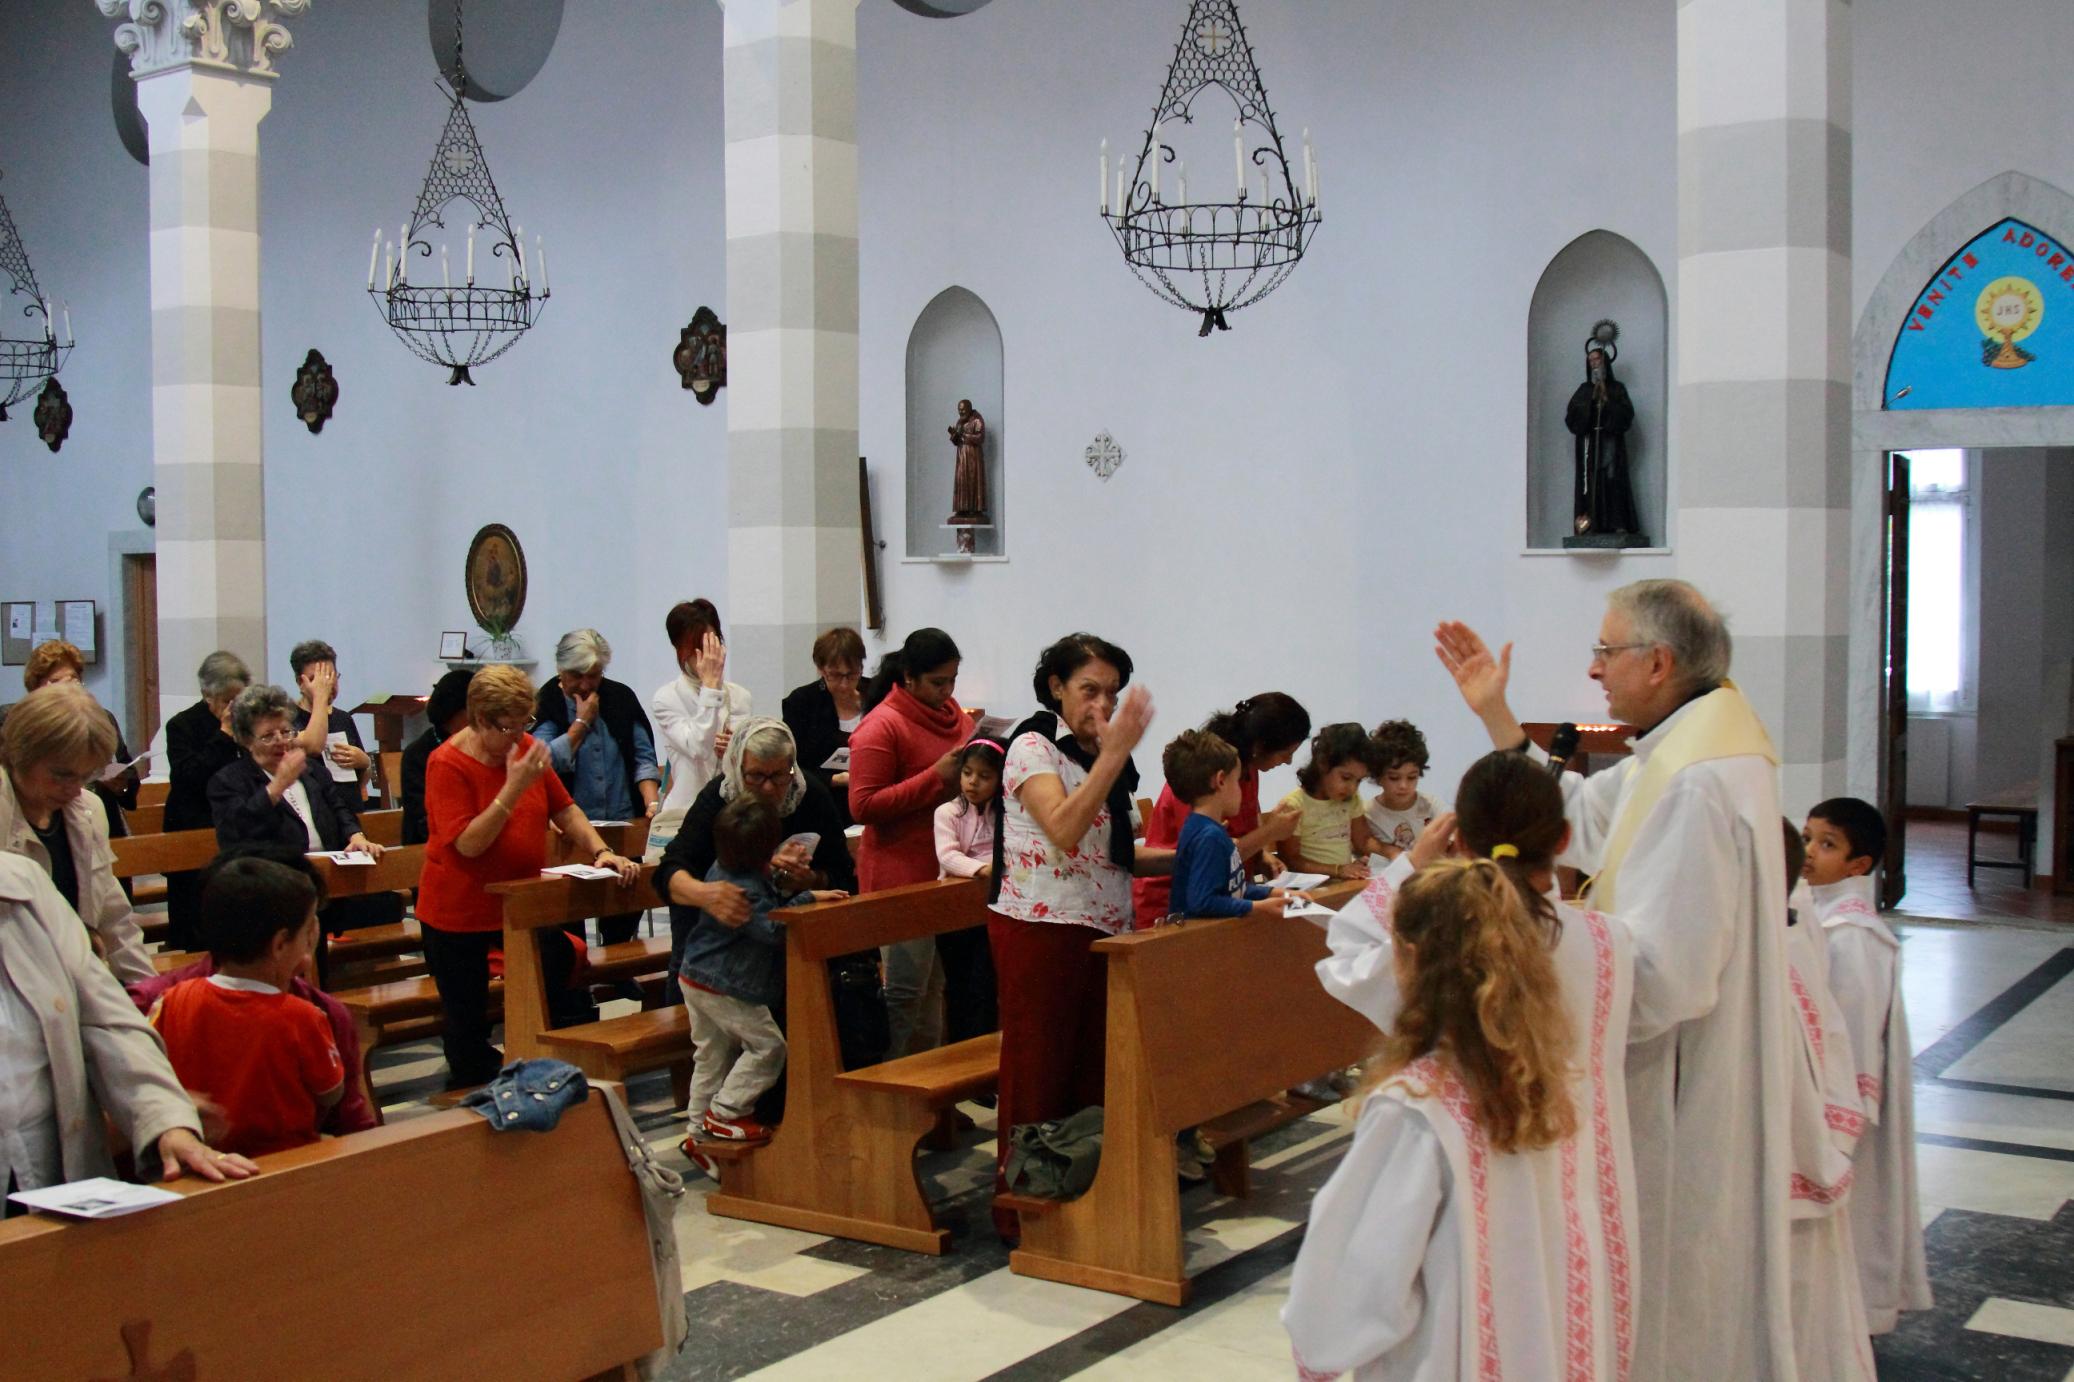 festa_angelo_custode_repetto_2012-10-07--16.32.04.jpg